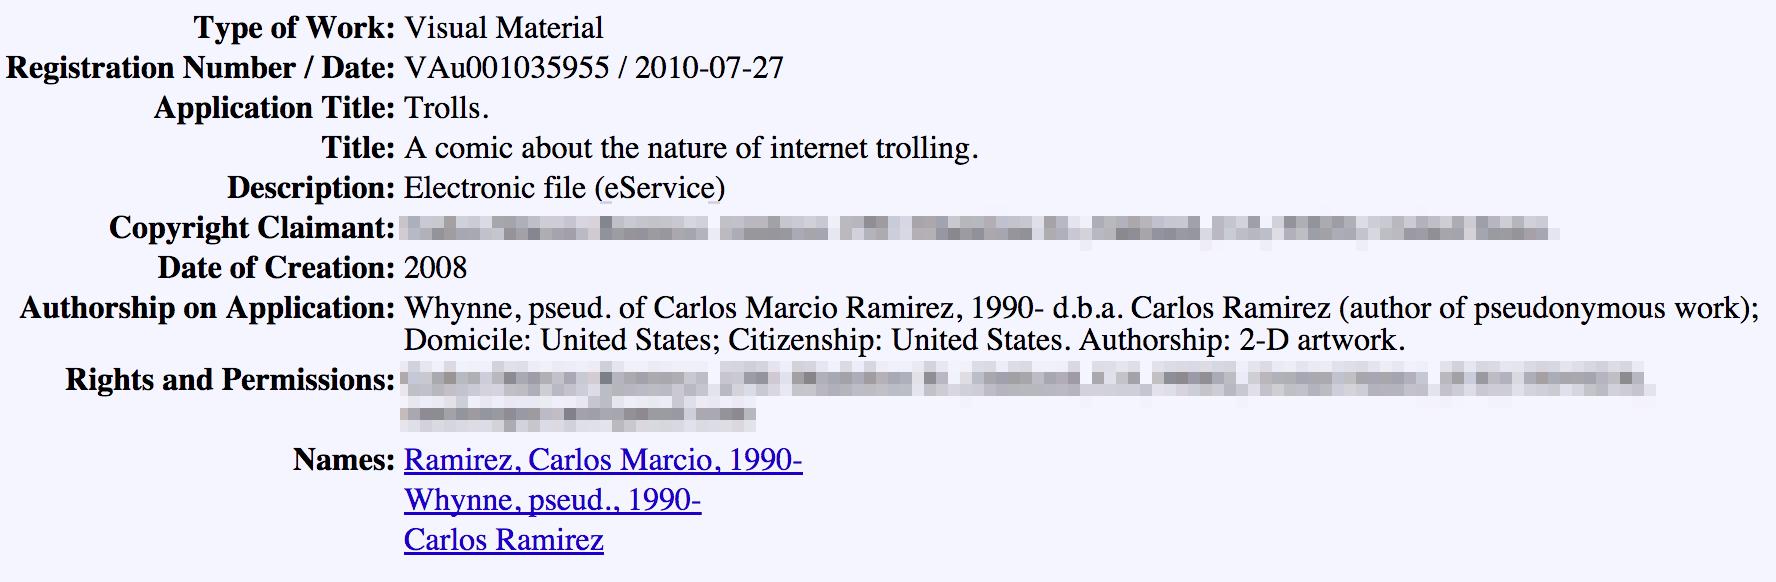 Registro en la Oficina de Patentes de Estados Unidos | kotaku